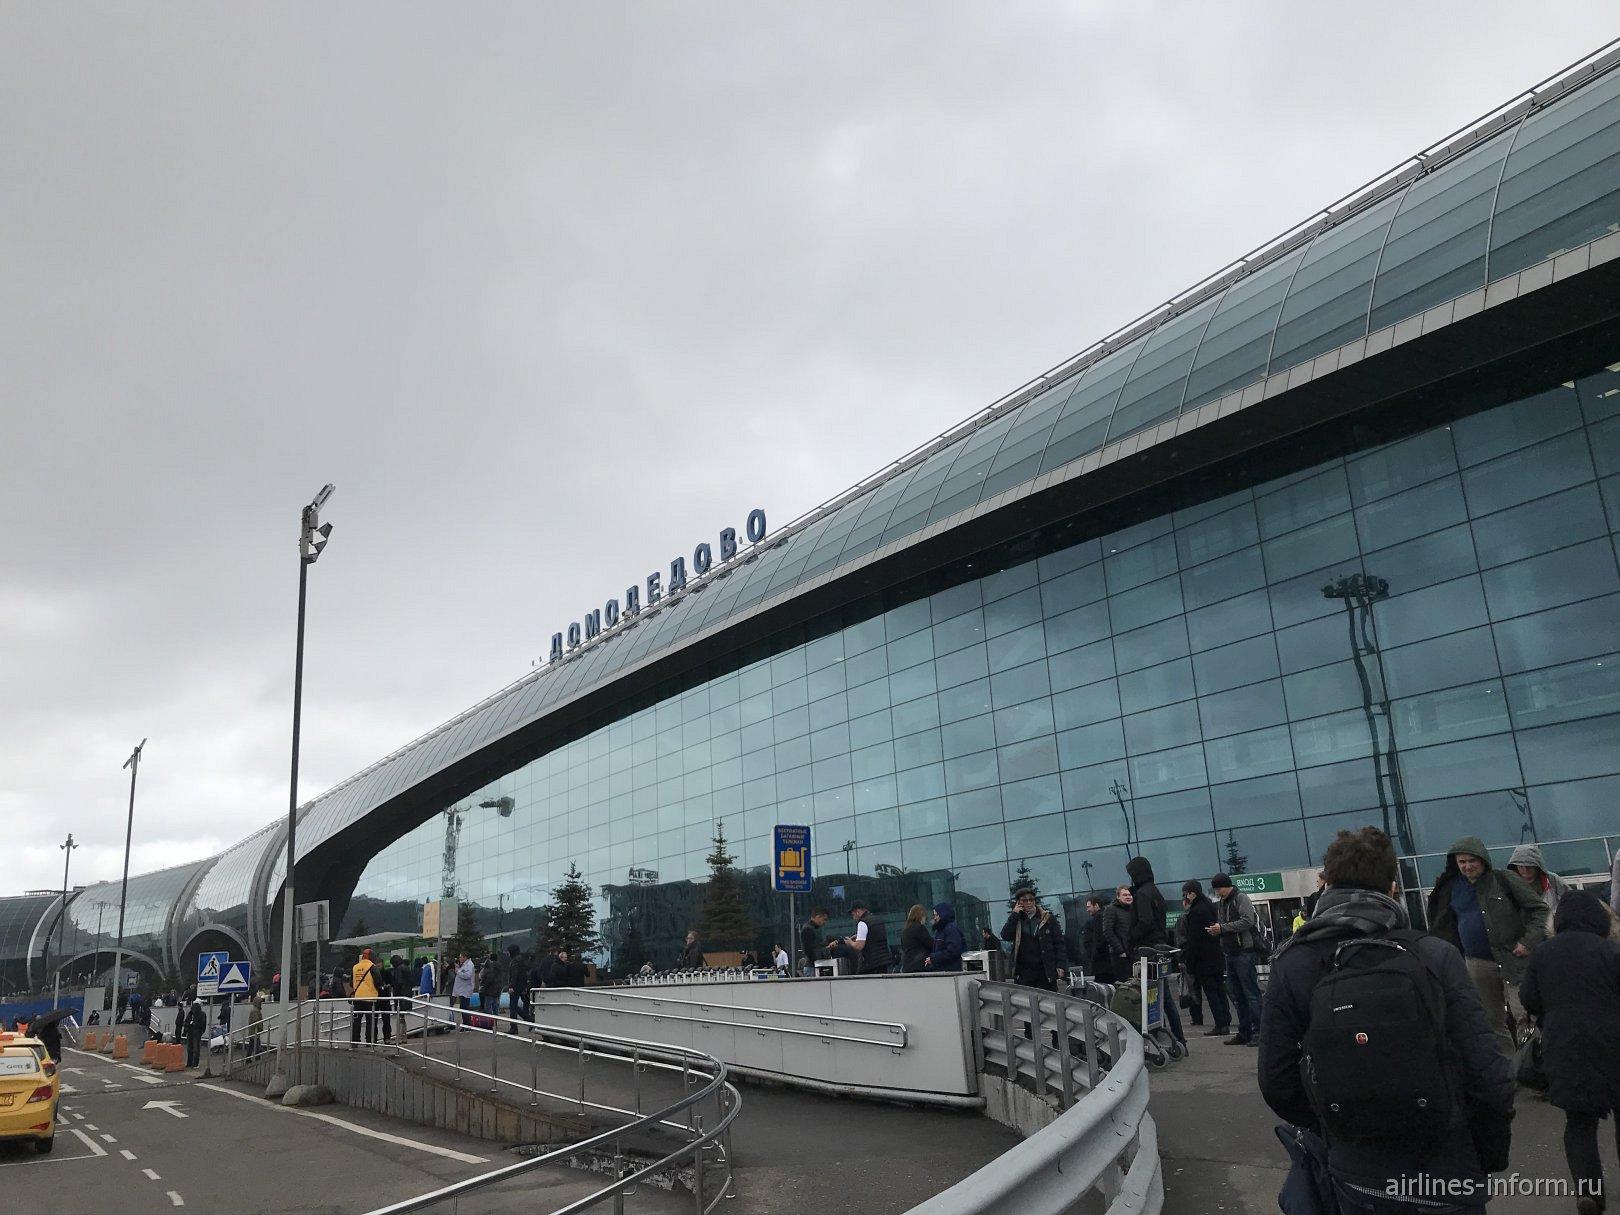 Уже как родной аэропорт Домодедово